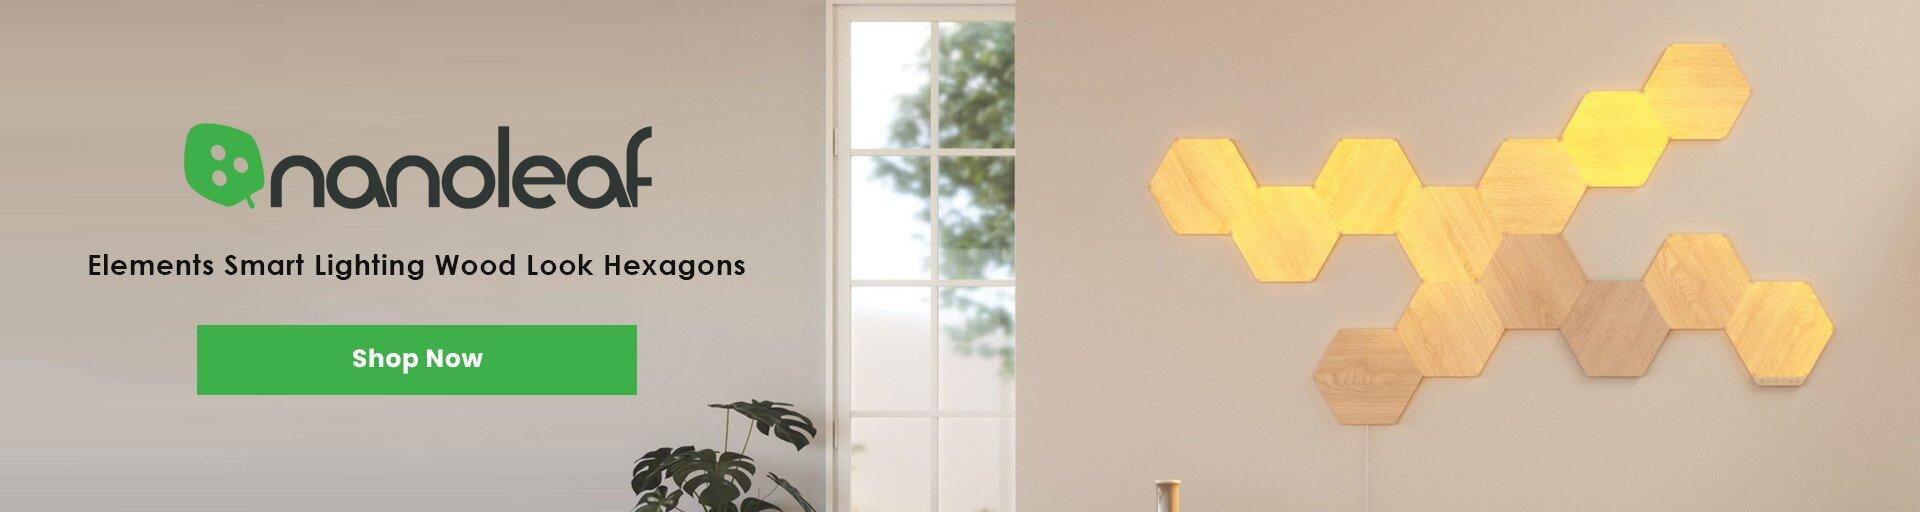 Nanoleaf Elements Smart Lighting Wood Look Hexagons